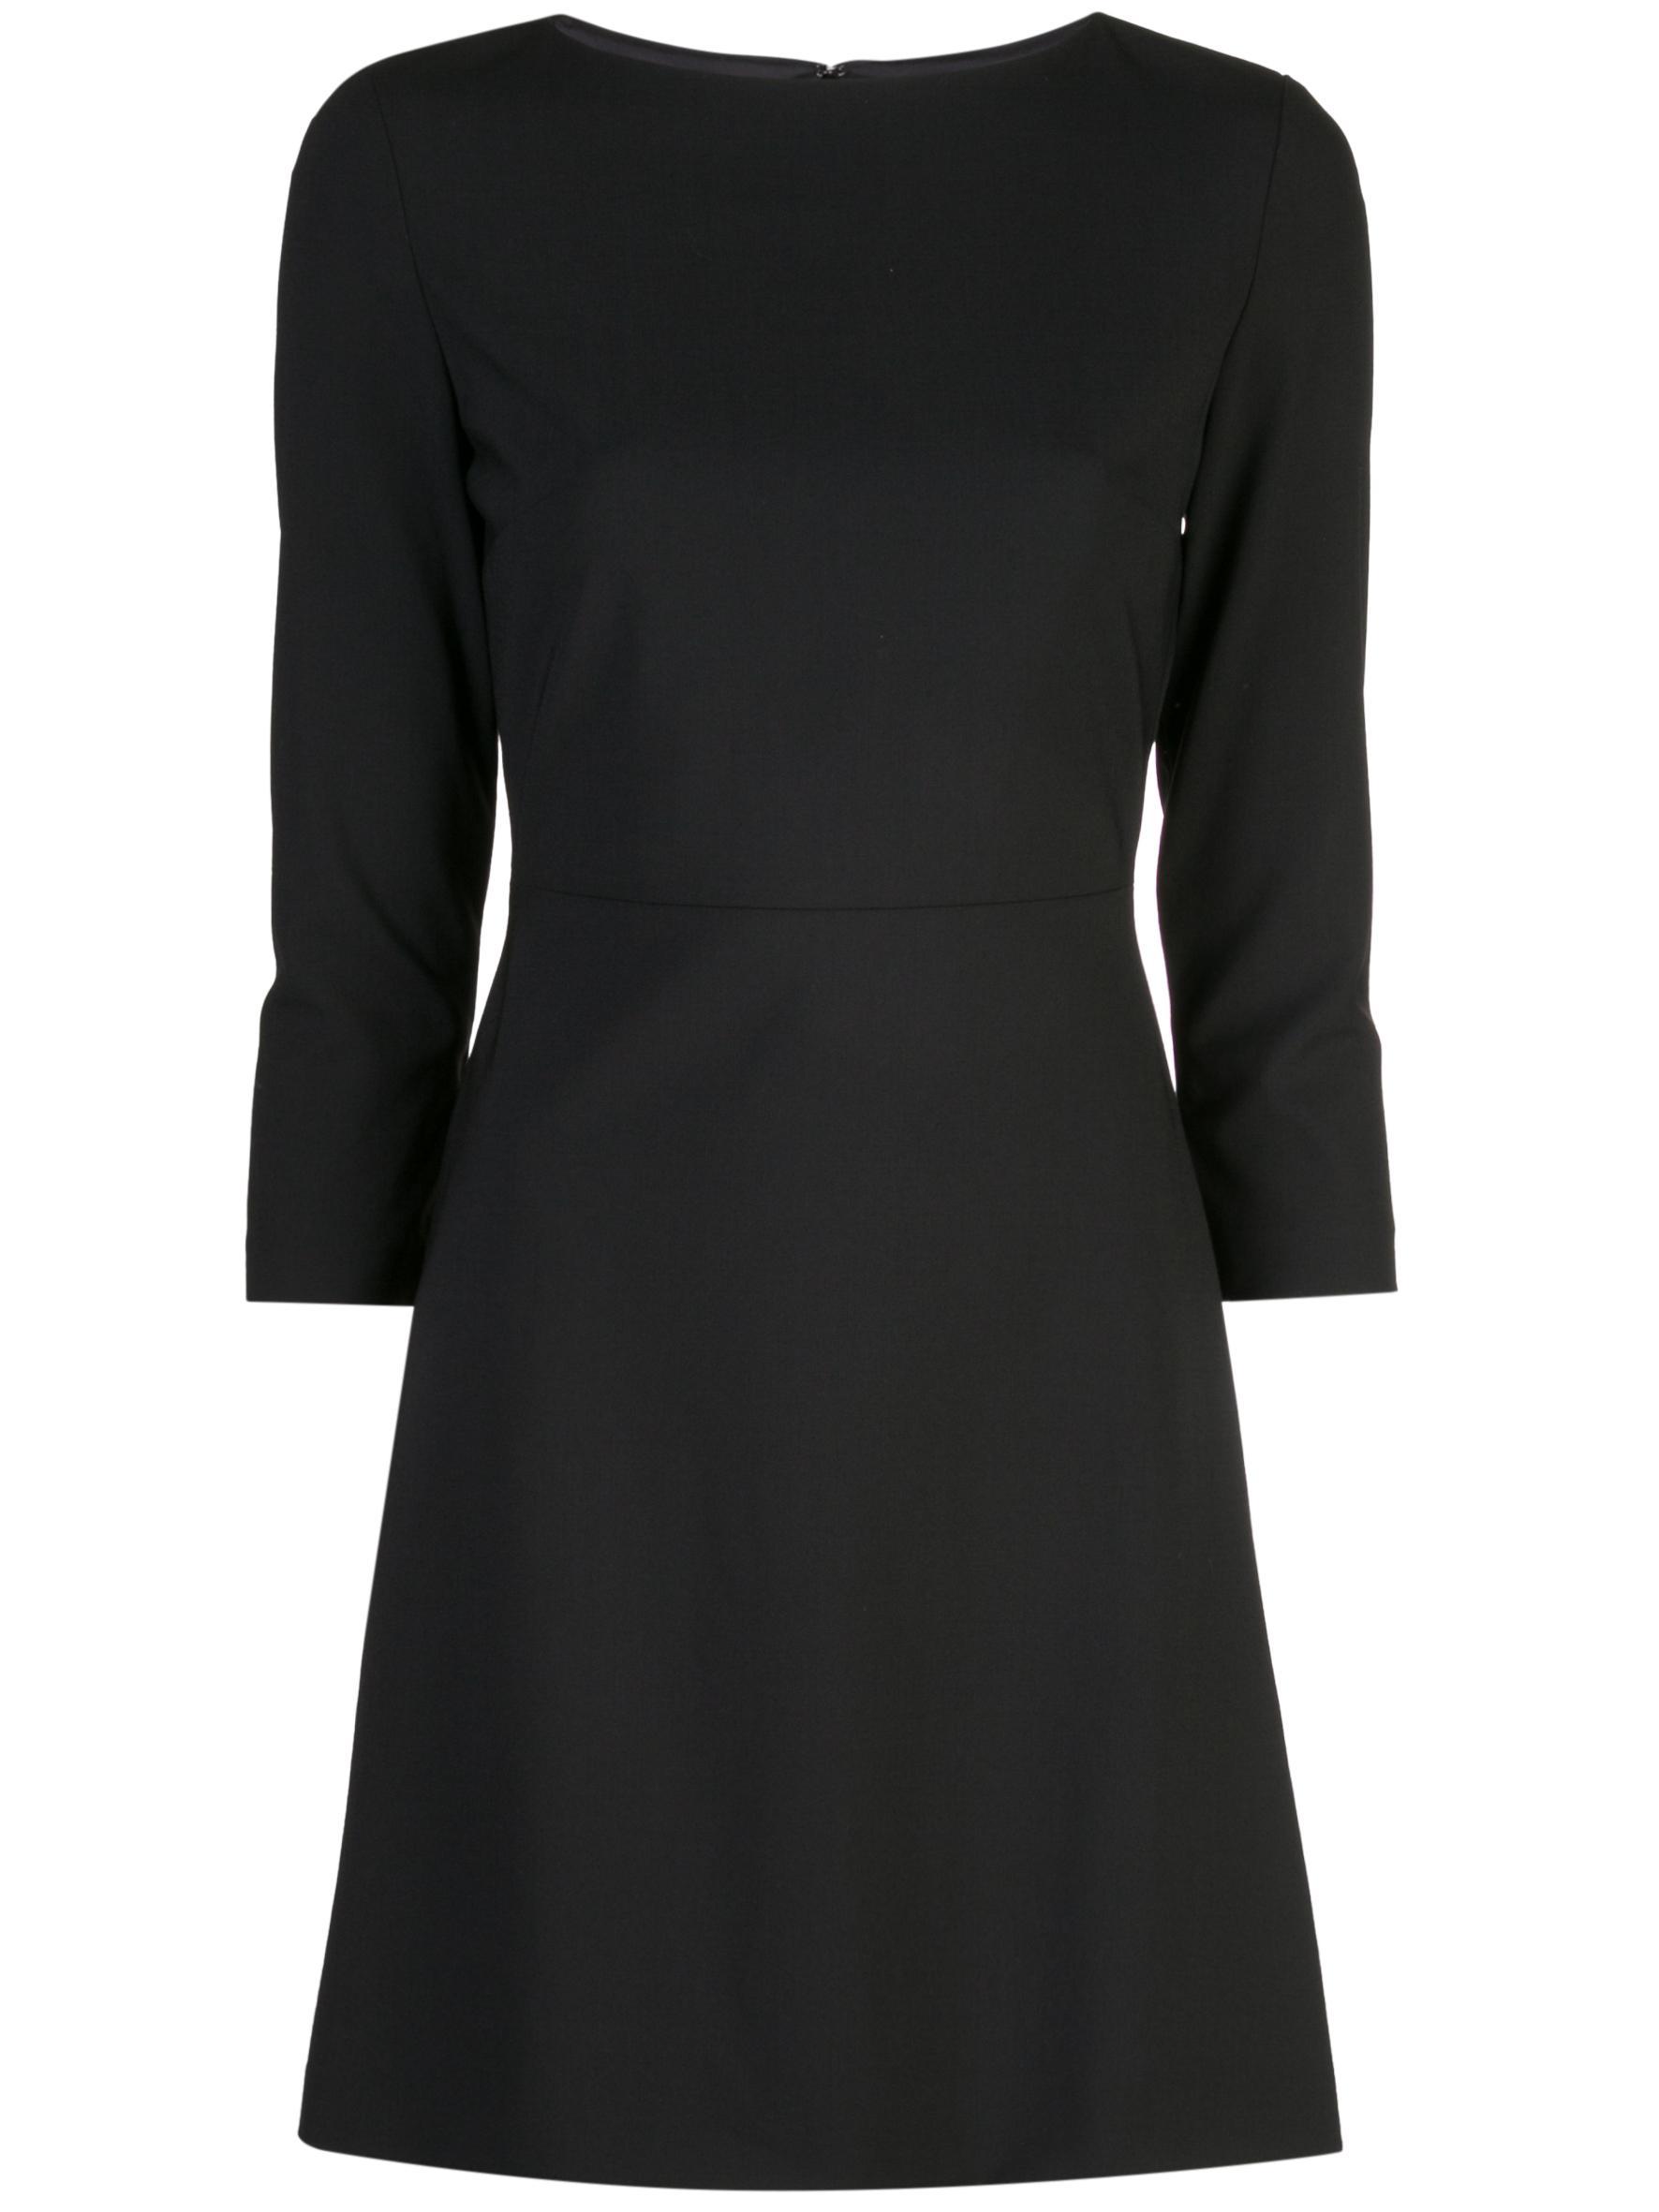 Kamillina Sleek 3/4 Sleeve A-Line Dress